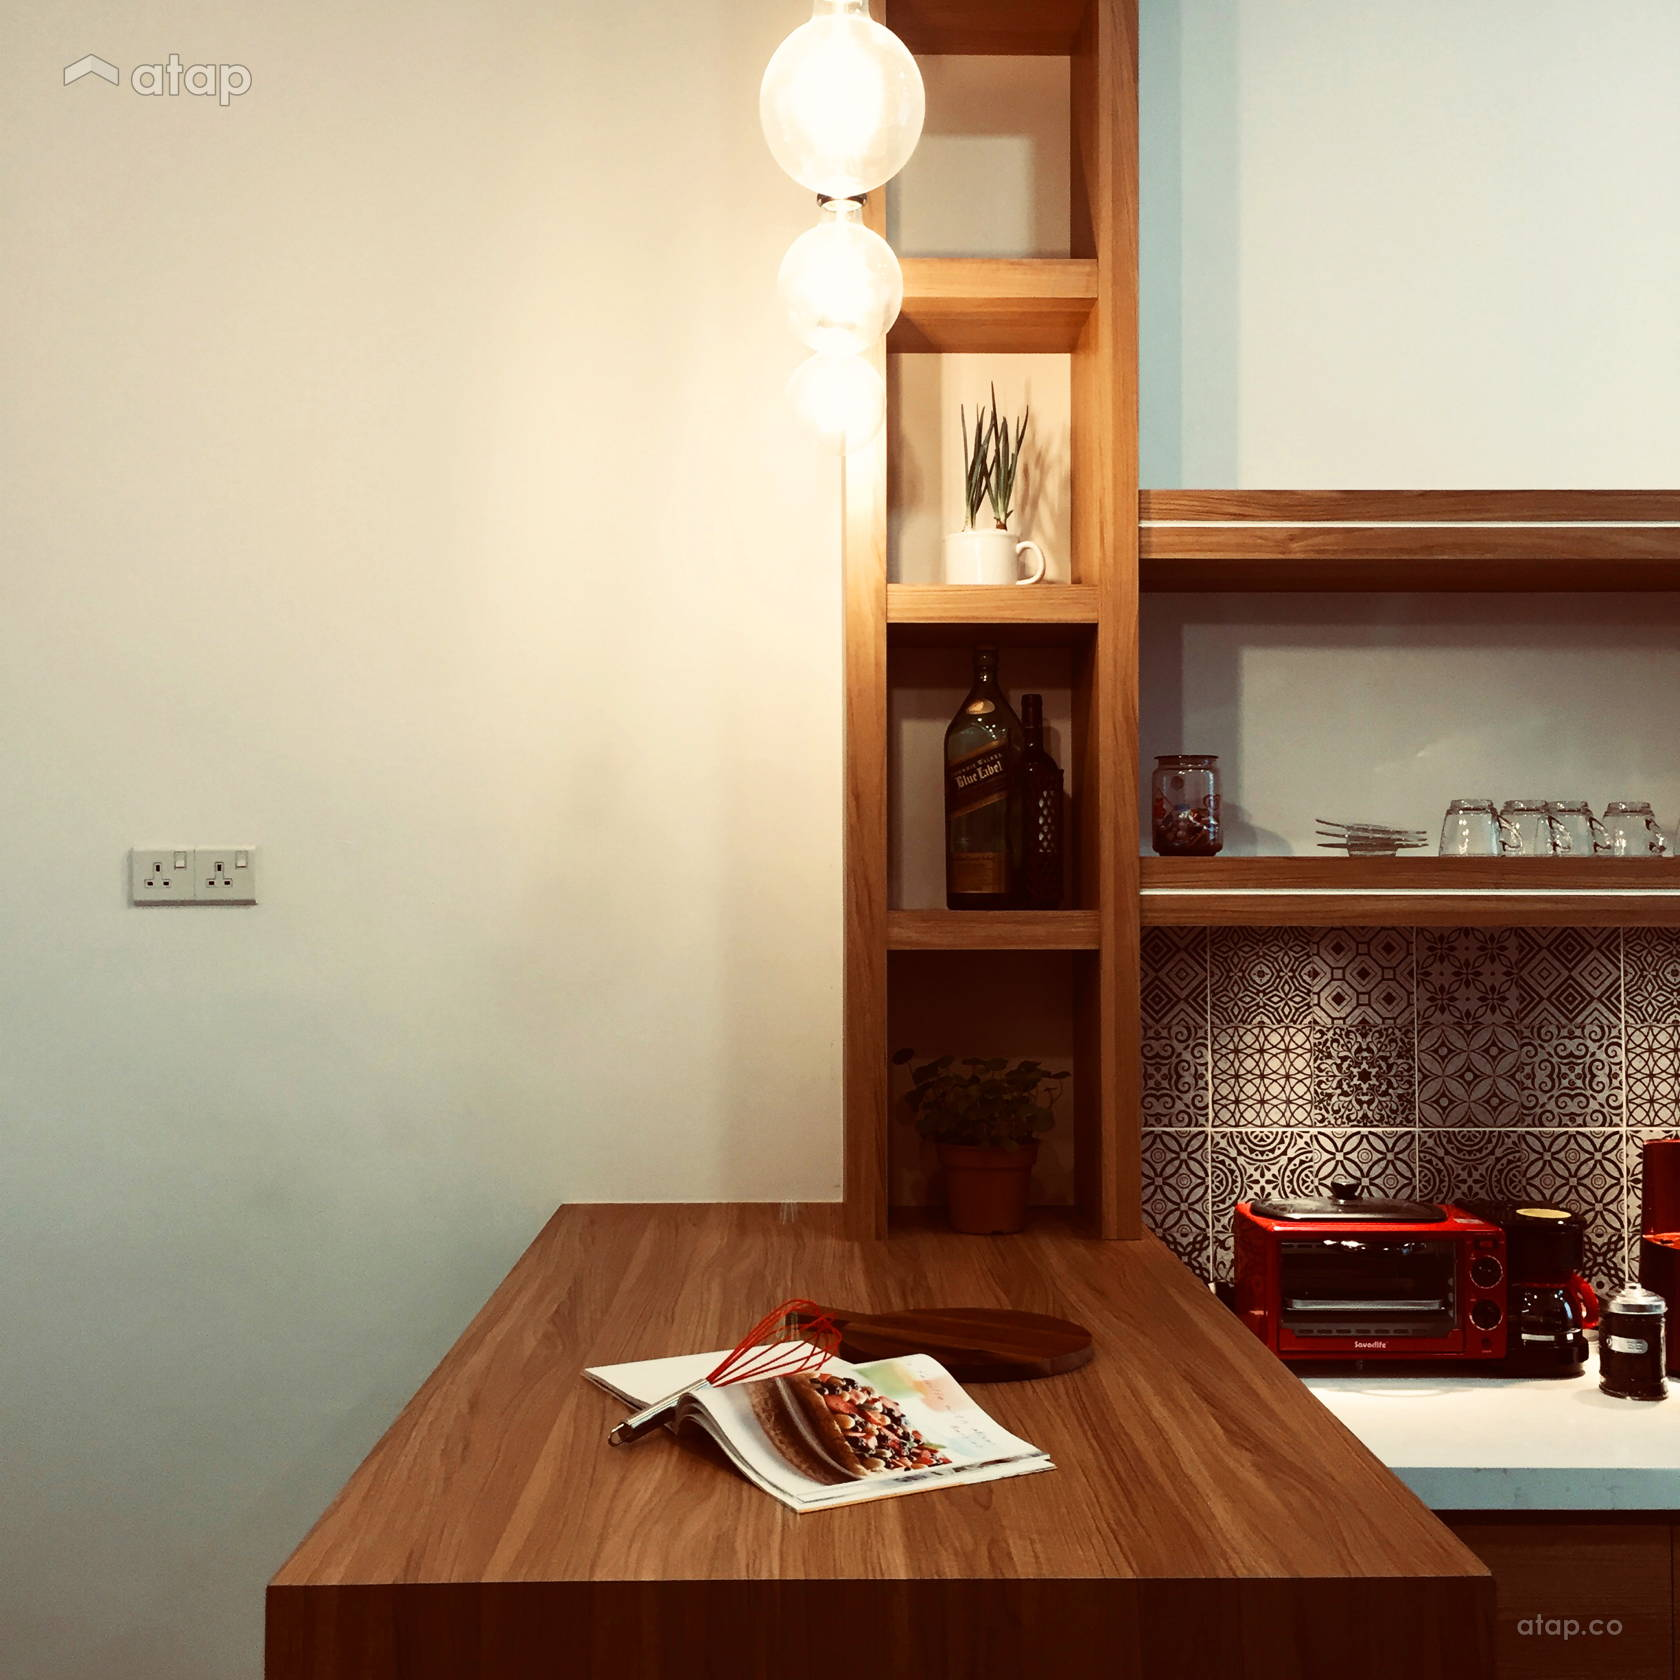 Contemporary Scandinavian Kitchen Terrace Design Ideas Photos